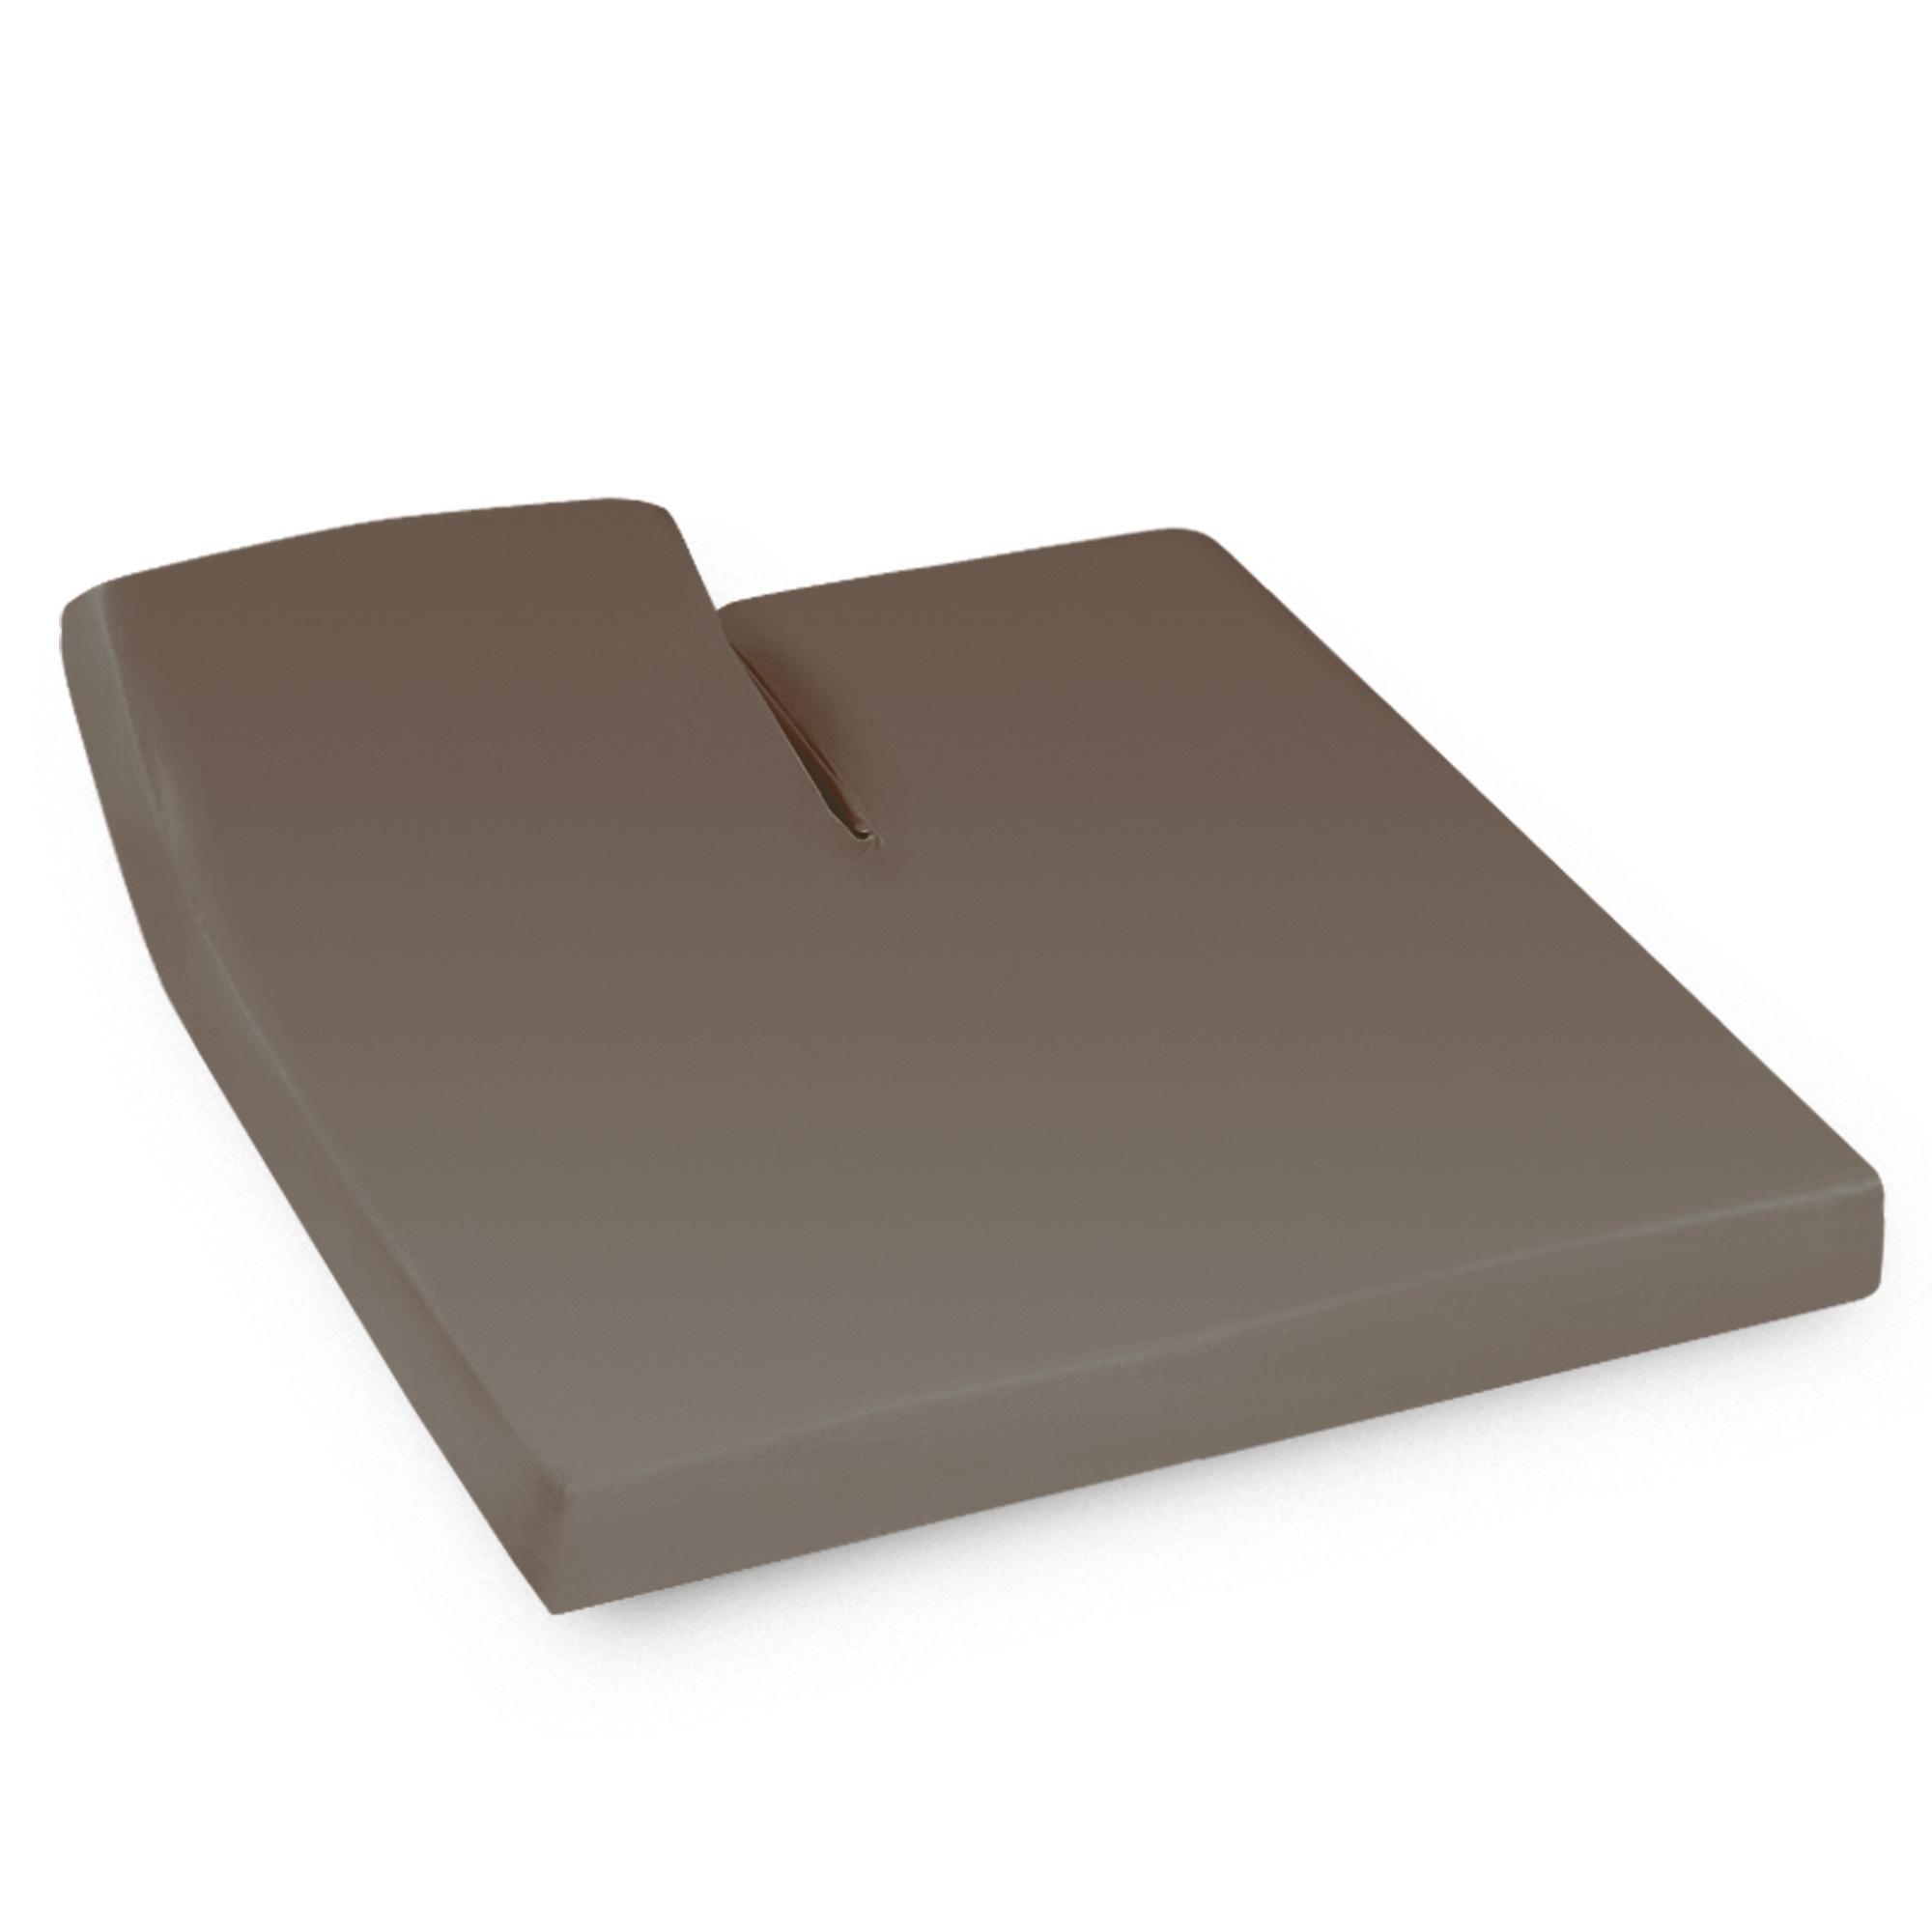 Drap housse relaxation 2x80x200cm uni pur coton alto - Draps housse 80 x 200 ...